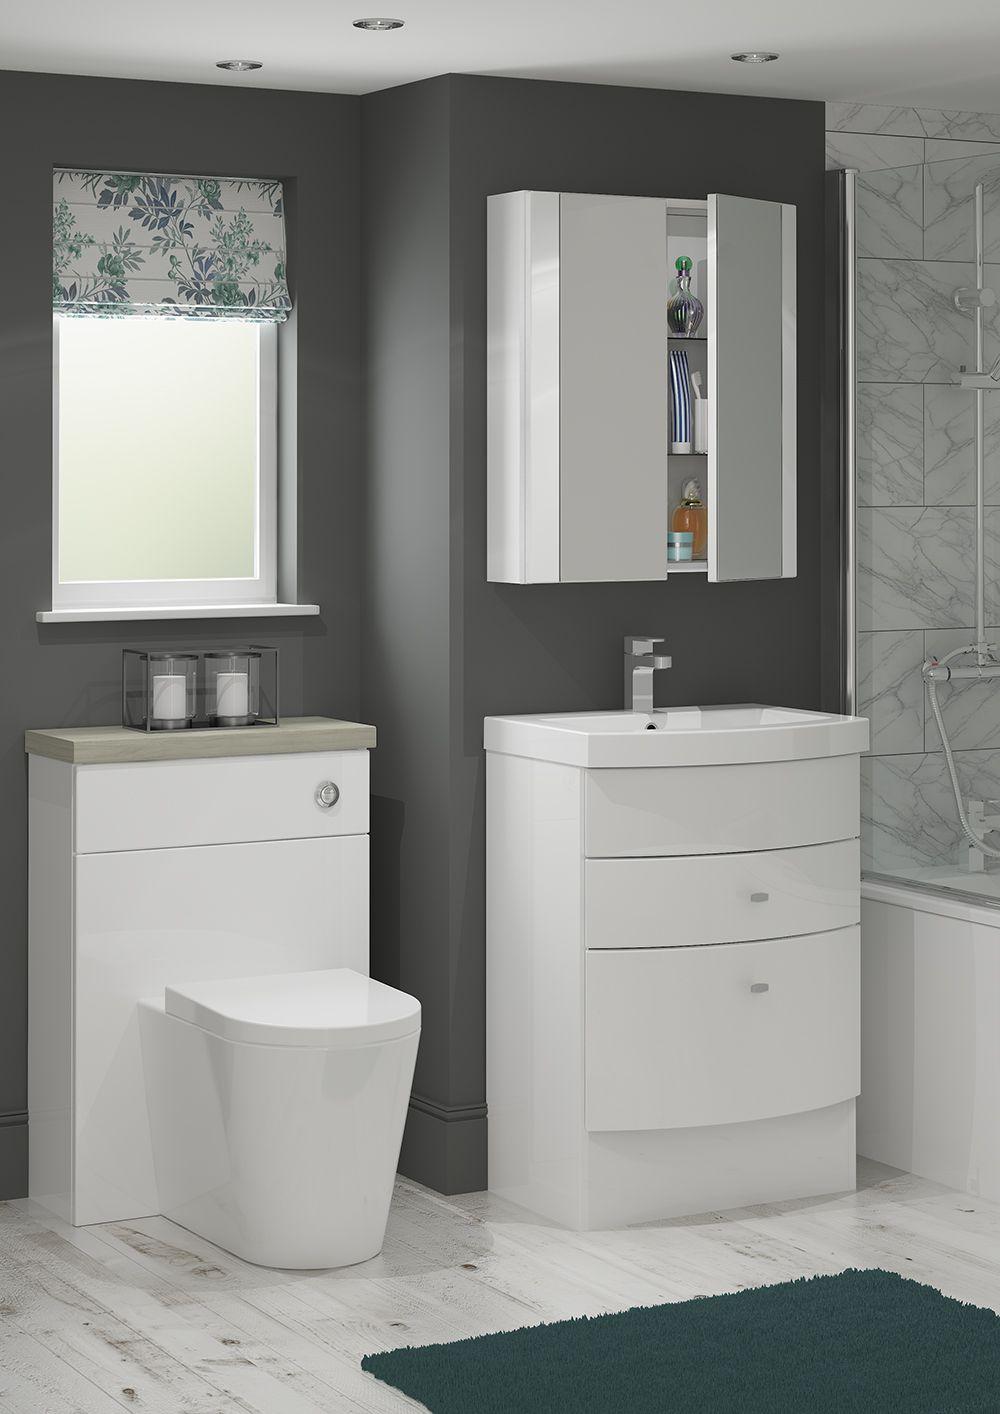 Lovely Slimline Floor Standing Bathroom Cabinets